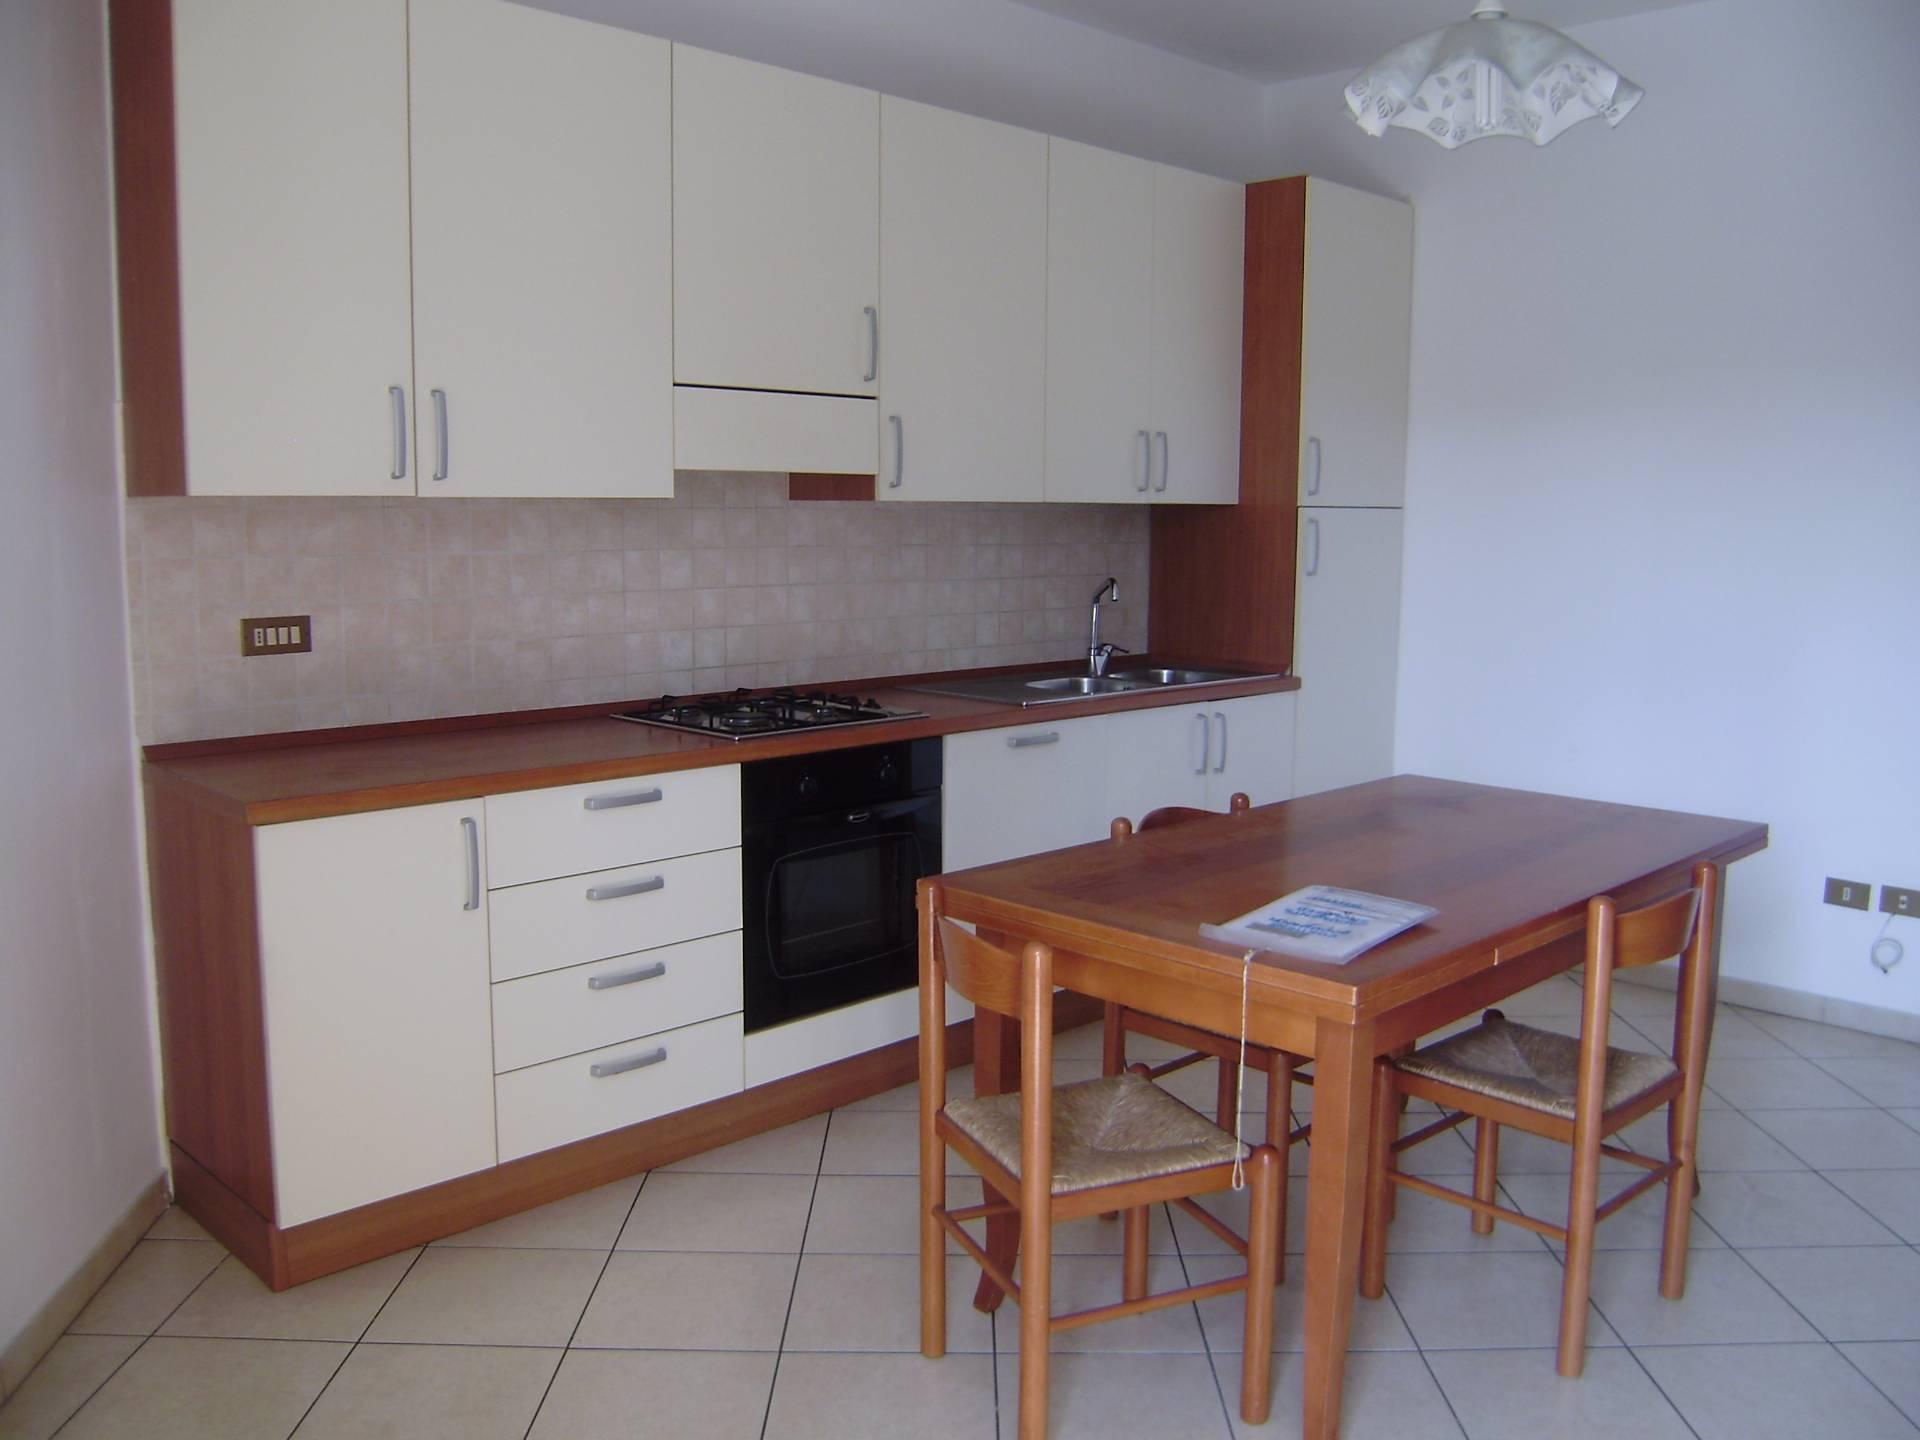 Appartamento in affitto a San Miniato, 3 locali, zona Località: SanMiniatoBasso, prezzo € 550 | Cambio Casa.it